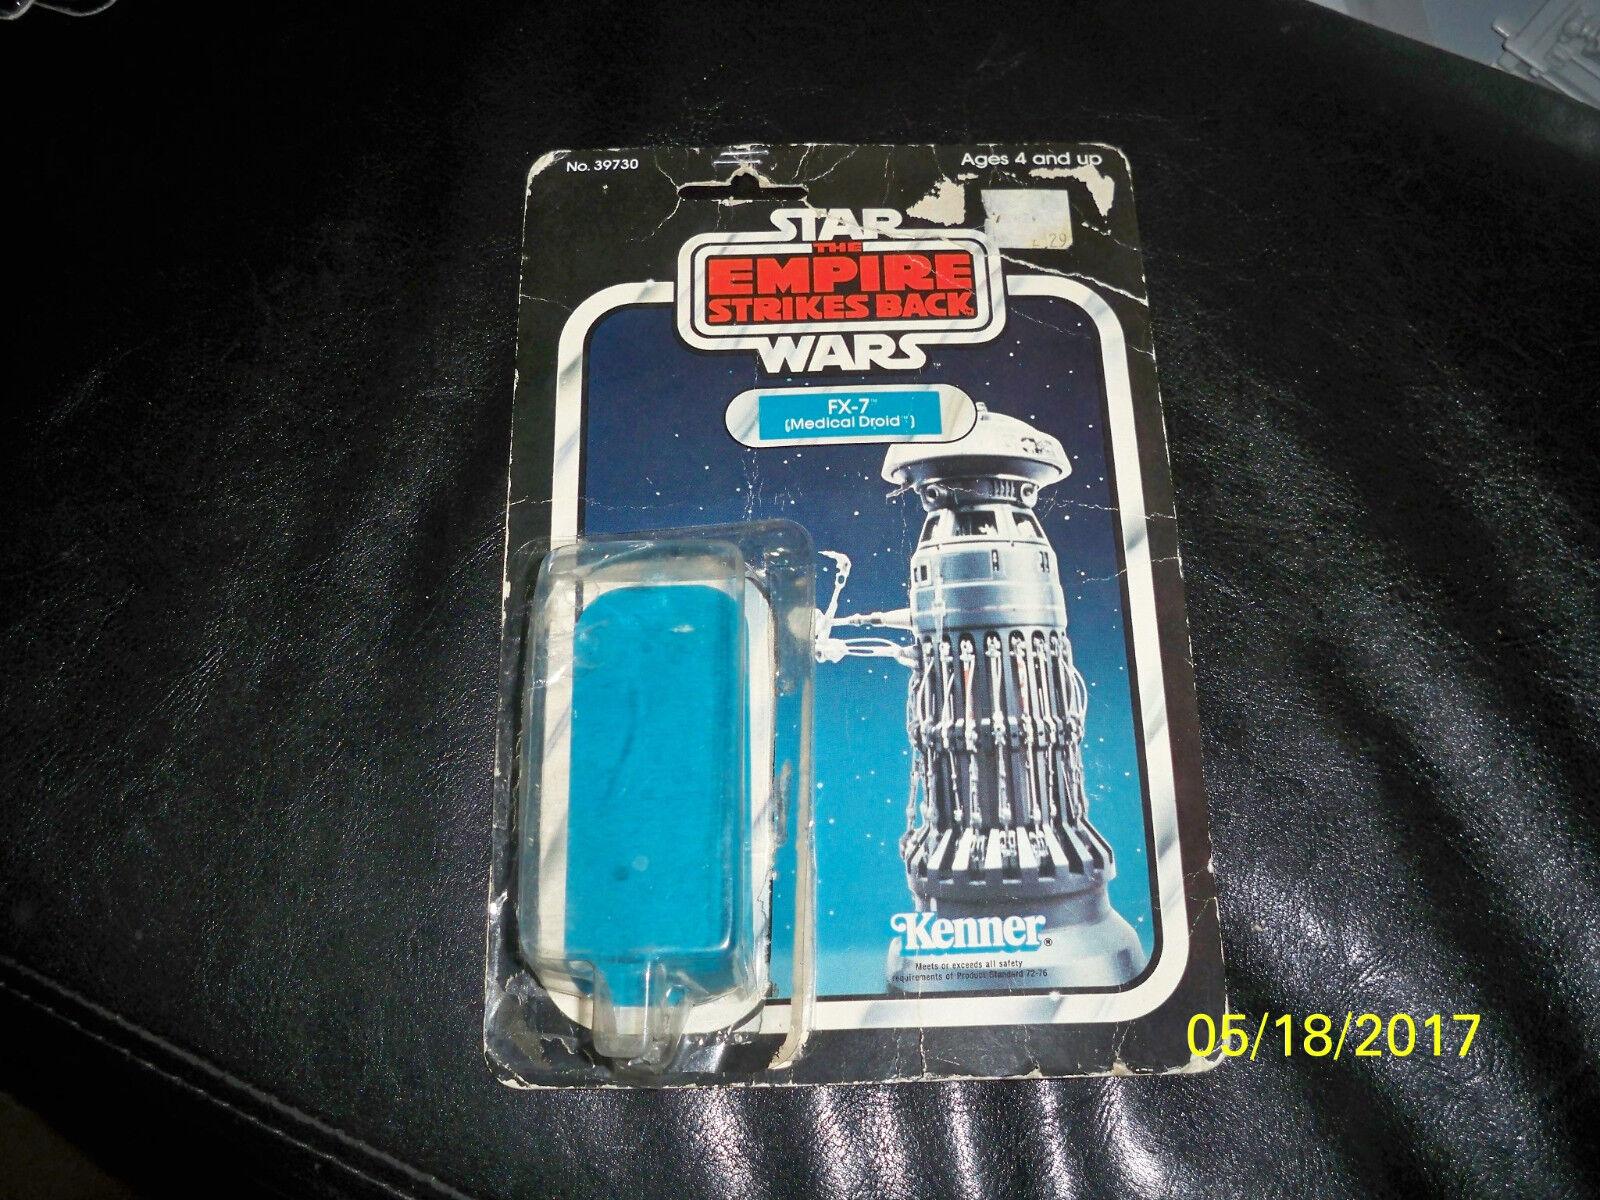 Vintage Star Wars Empire 31 Back FX-7 originalkort och bubbla